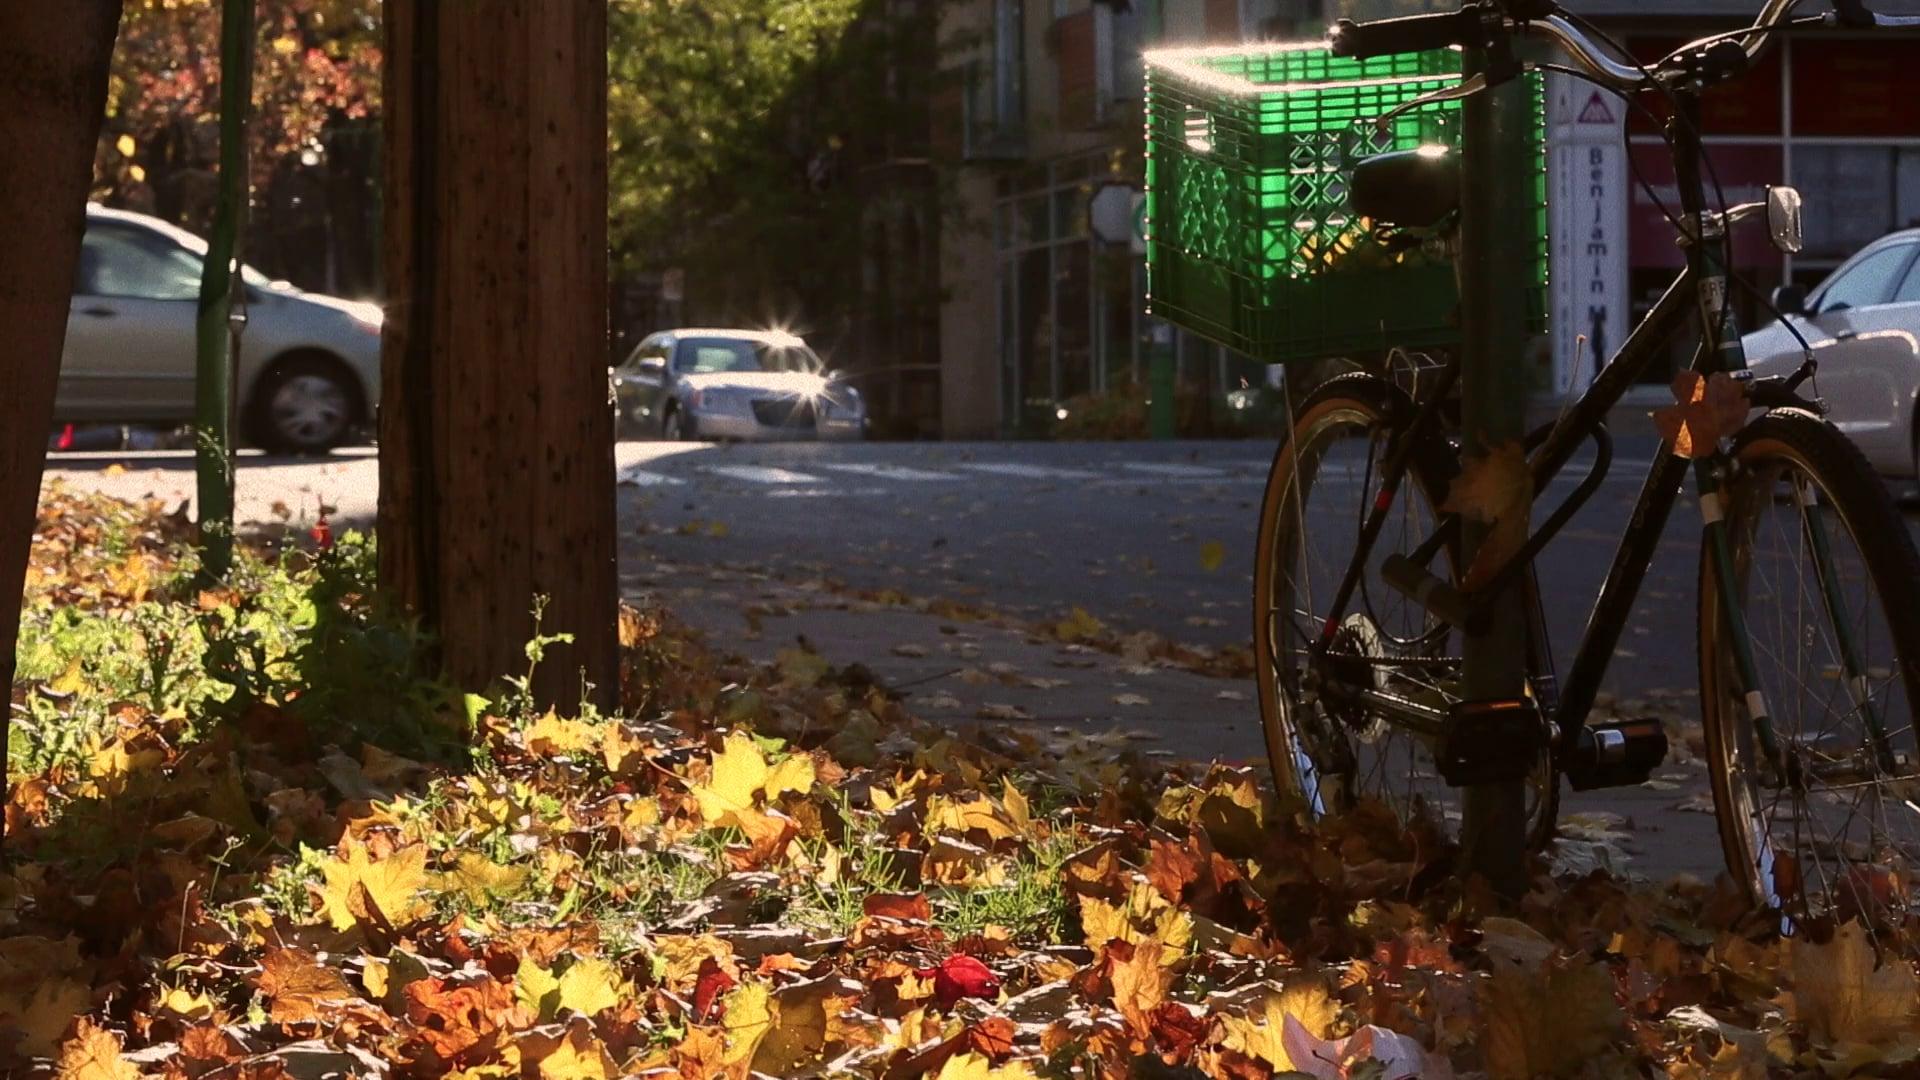 Peacefull Bike Scene with Traffic